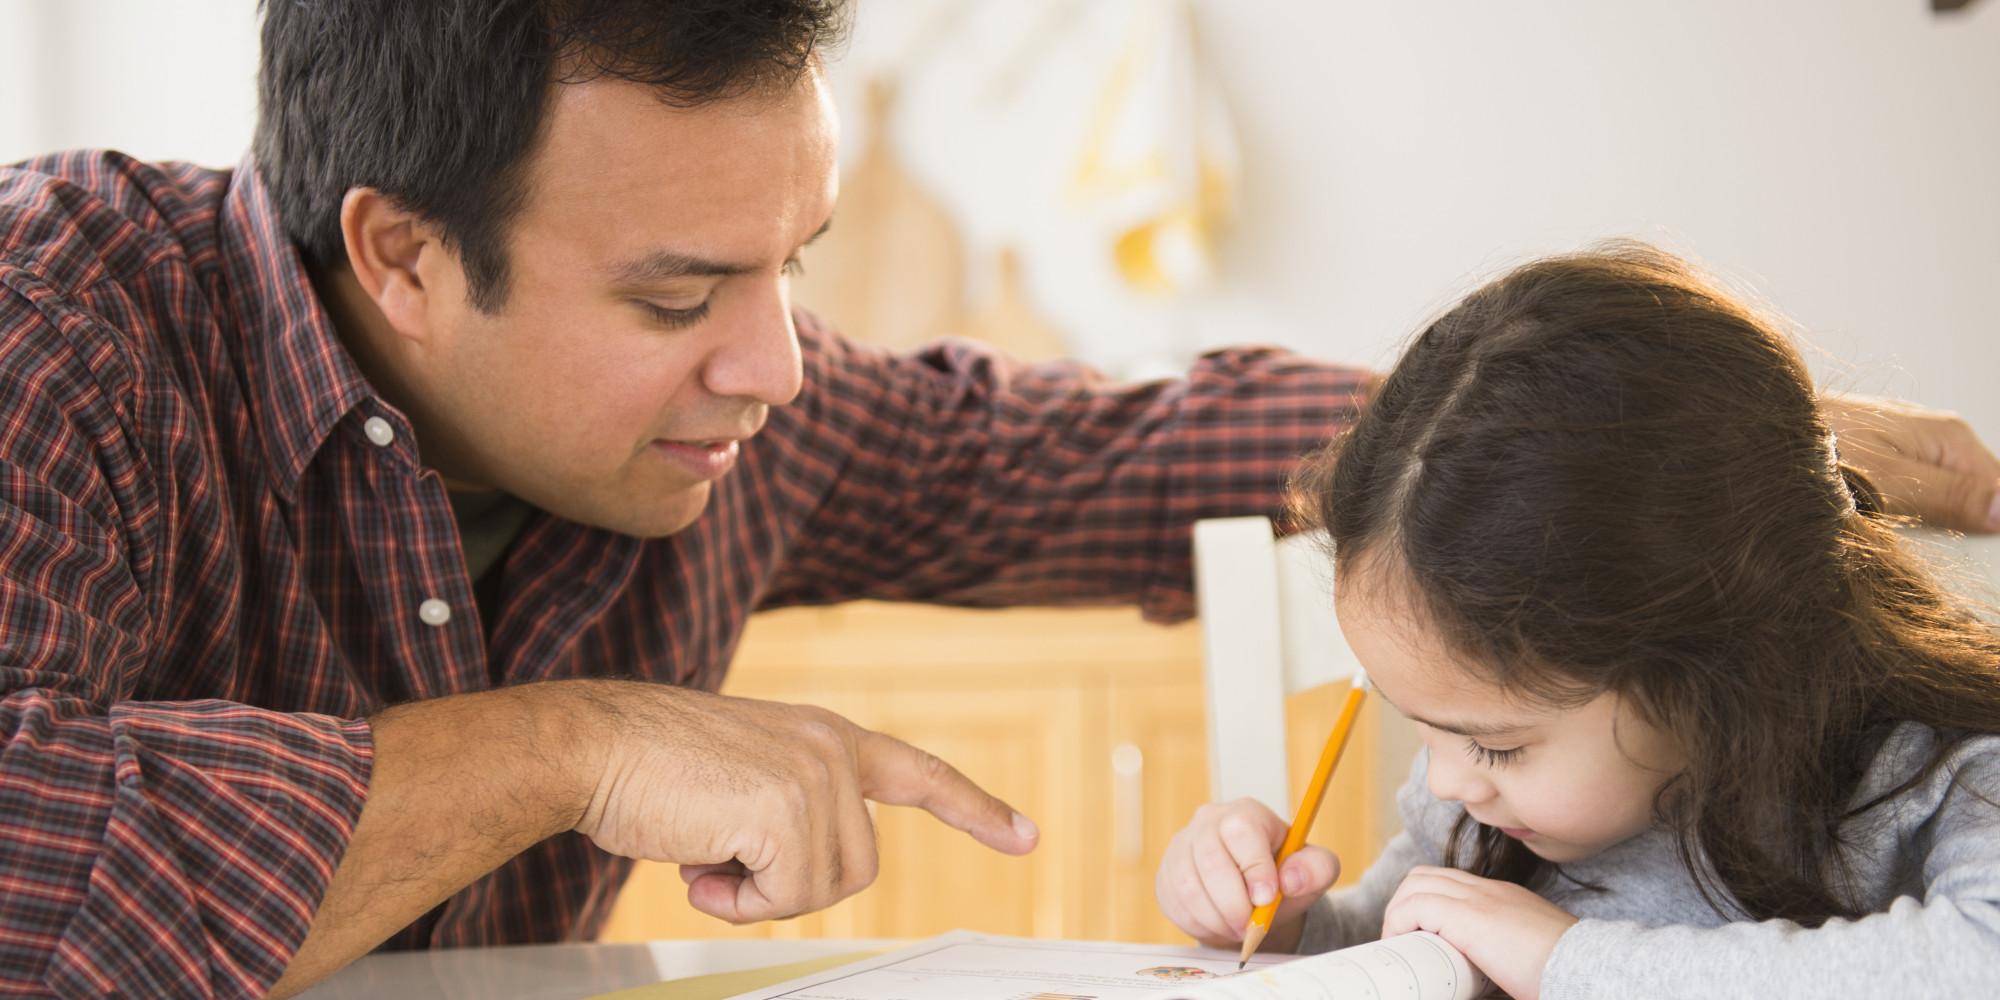 Why Don't Children Listen to Parents?